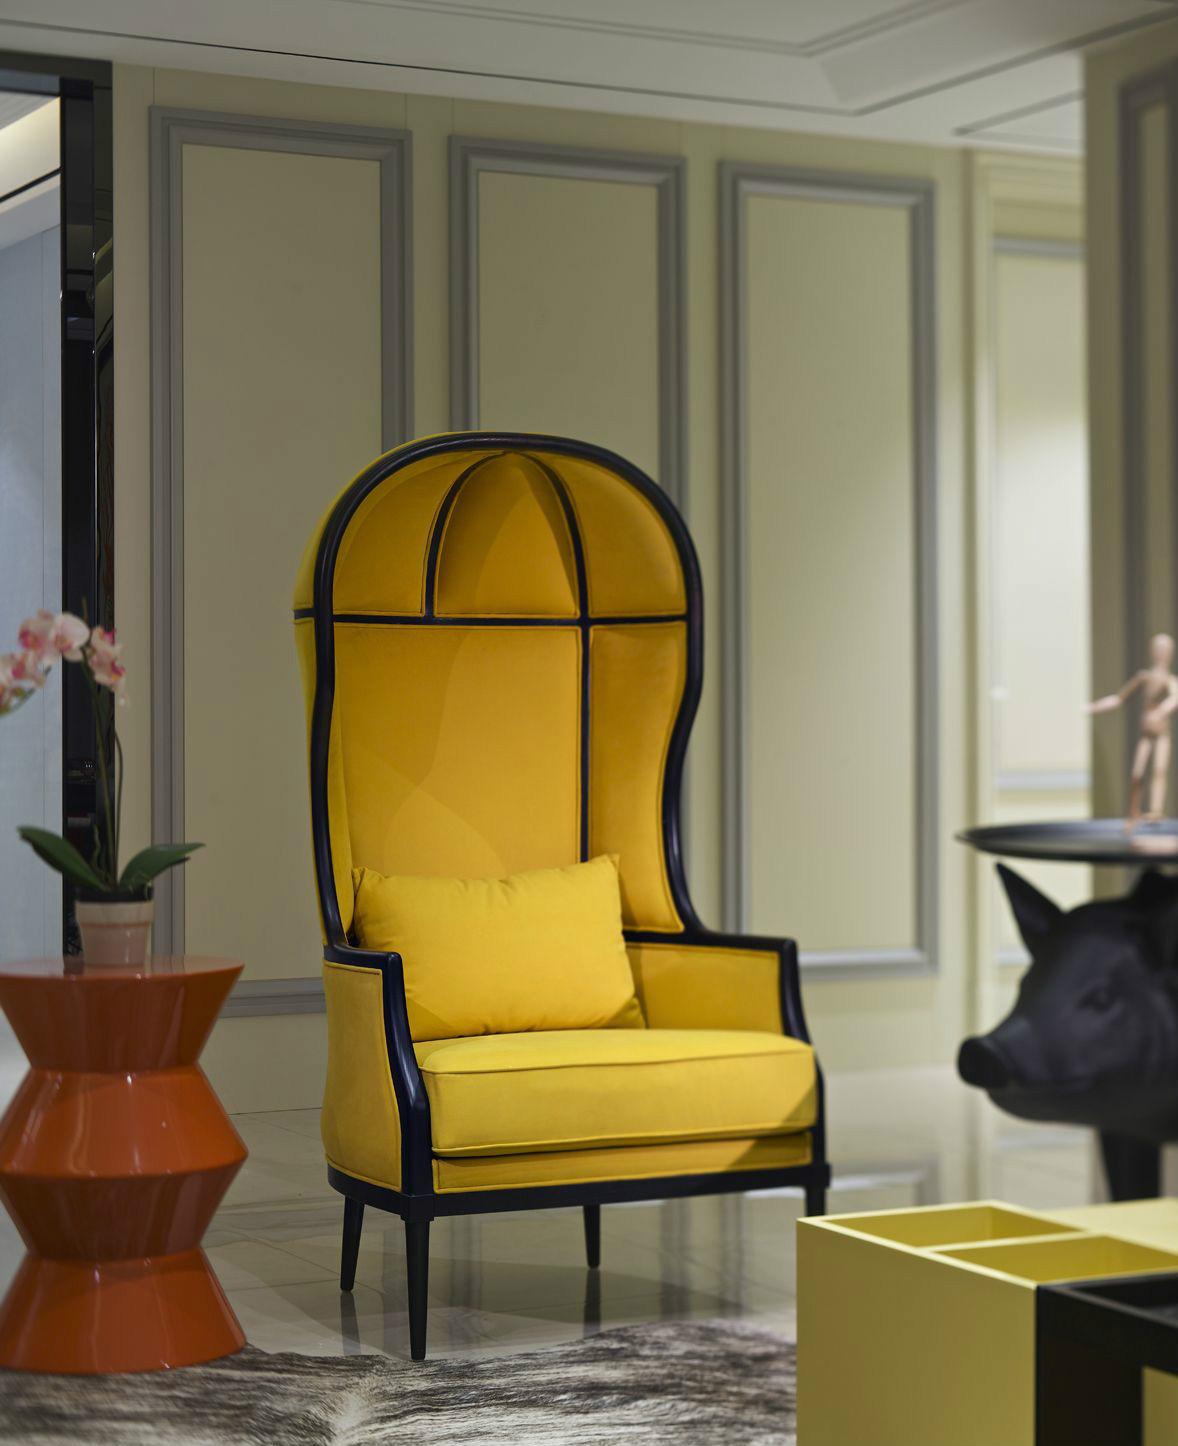 现代简约风格秉承着简约而不简单的理念,虽然在软装搭配、家具设计及空间布局方面尽可能的追求简洁,但是又能从中看出业主花心思的痕迹。现代简约风格是符合现在健康时尚、科学而节约的消费观念的装修风格,以简洁的视觉效果打造出时尚前卫的感觉。?